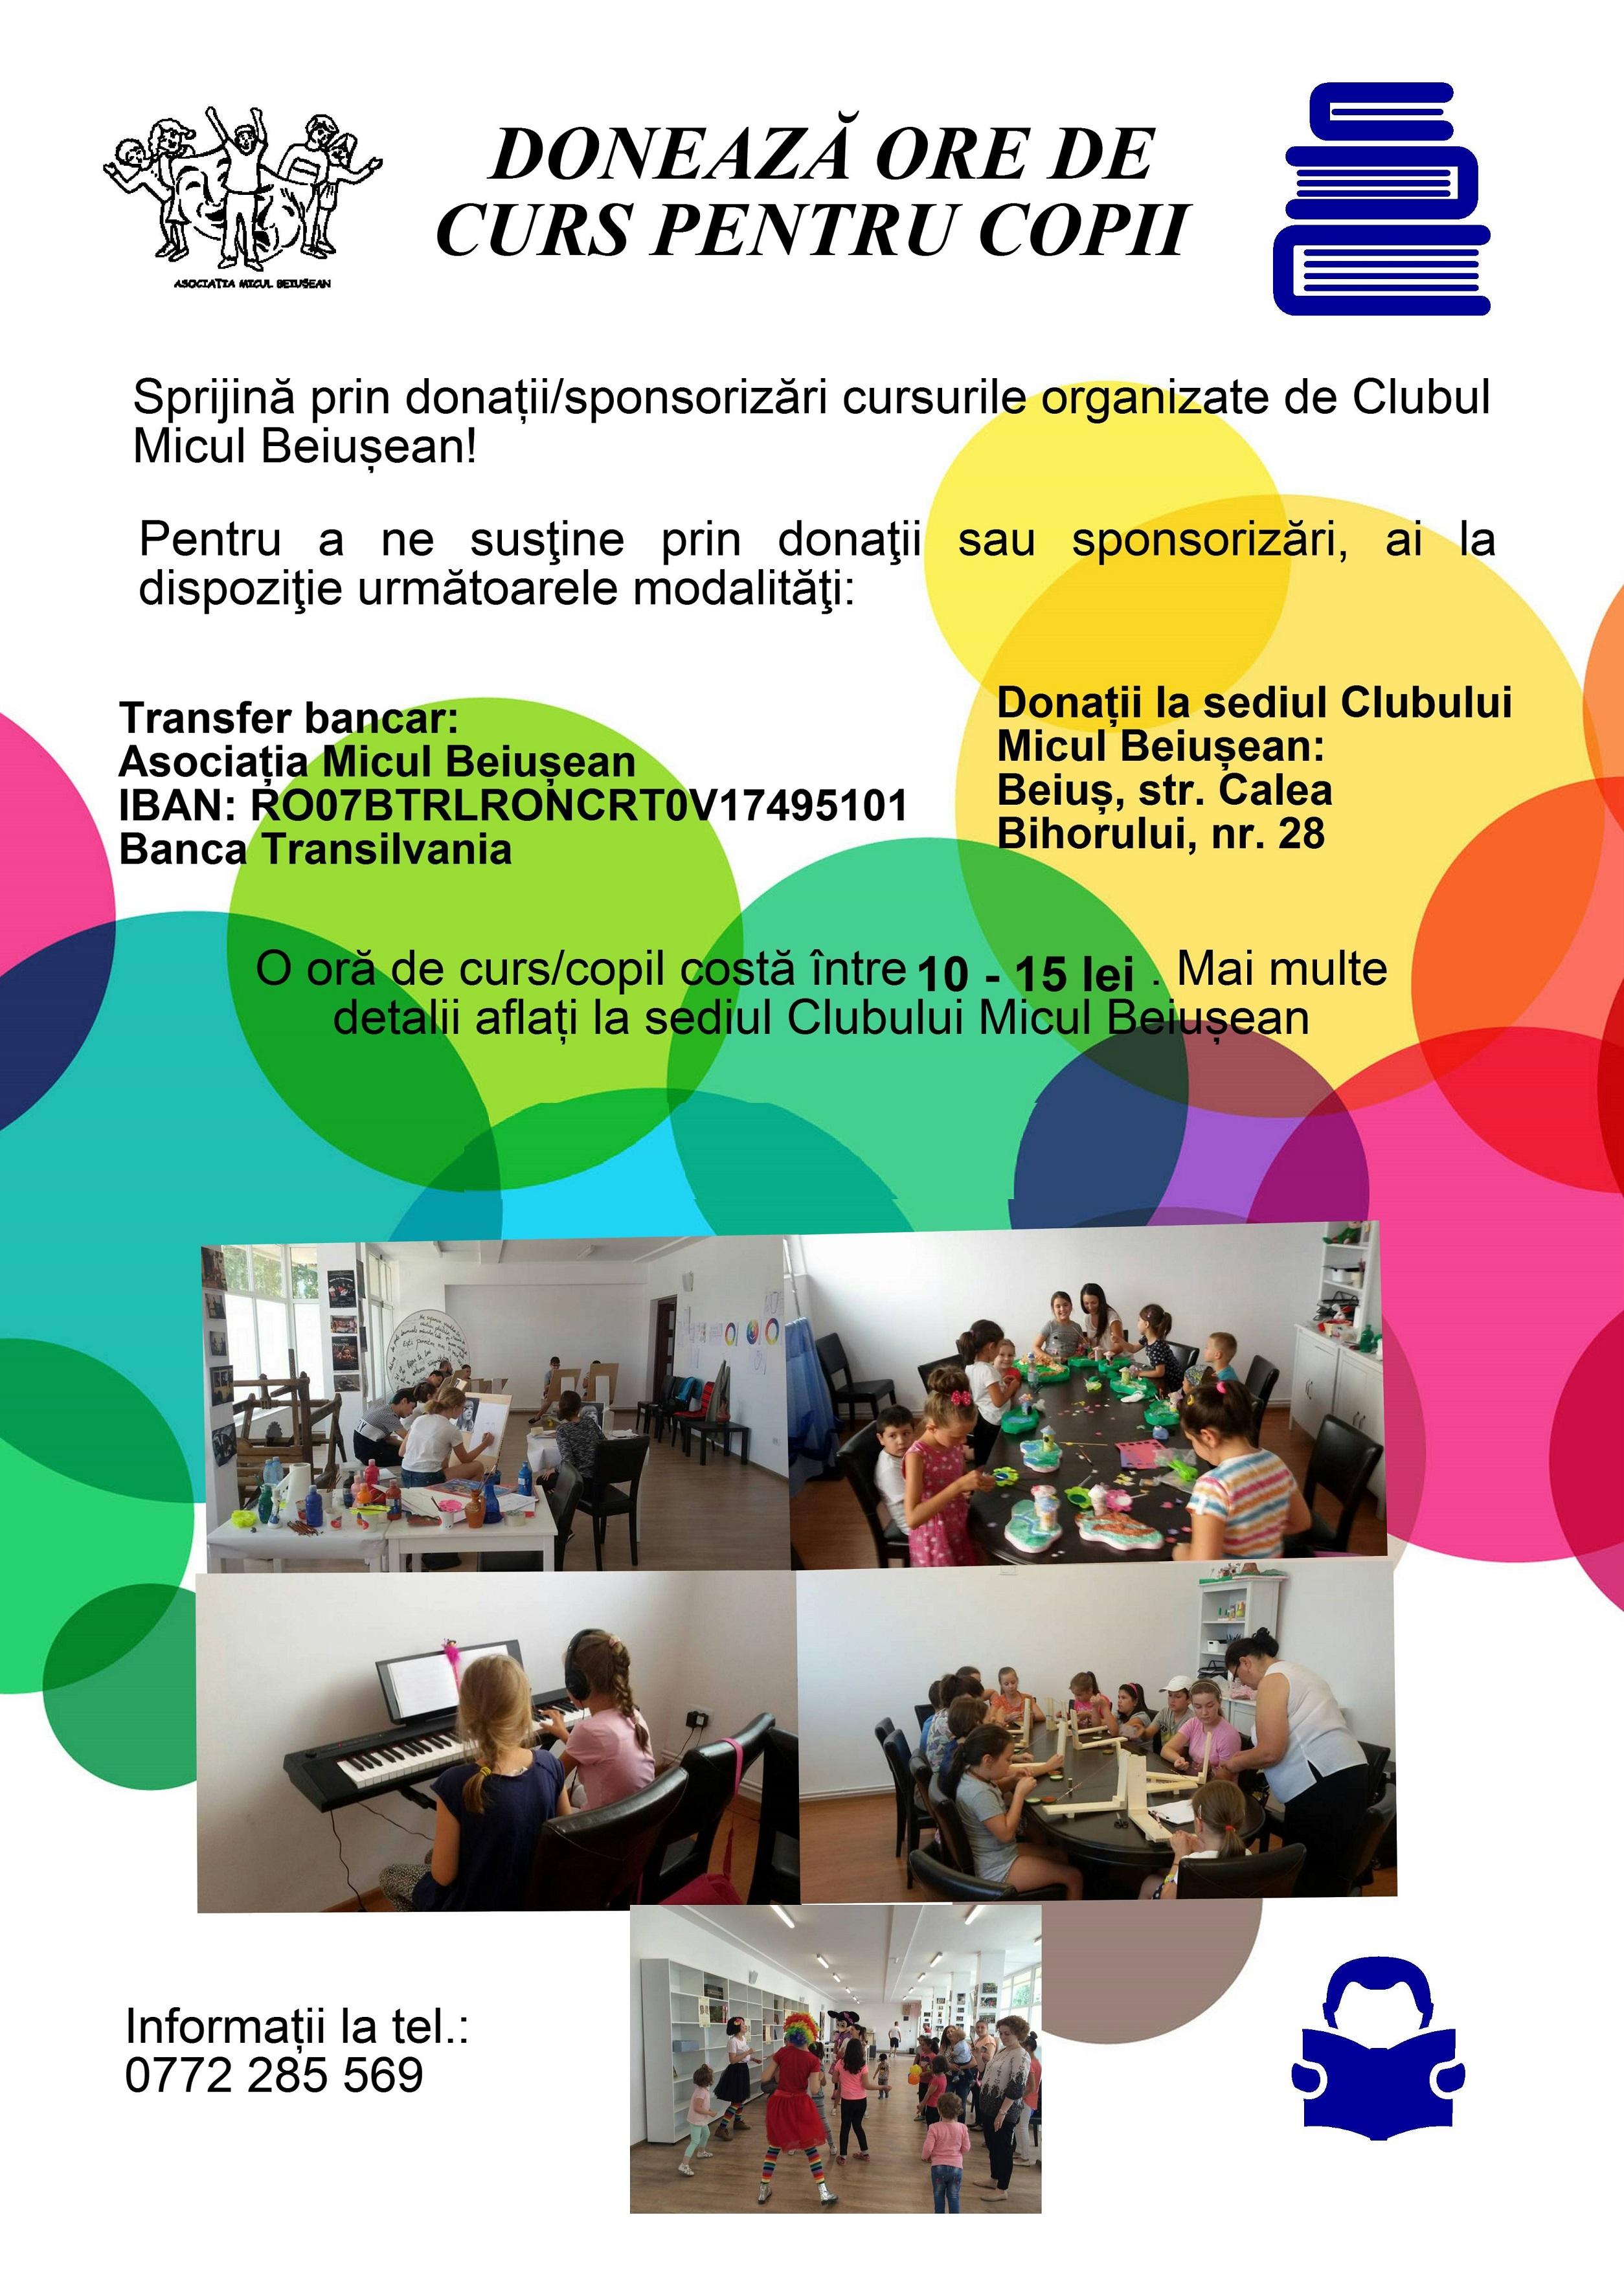 Doneaza ore de curs pentru copii